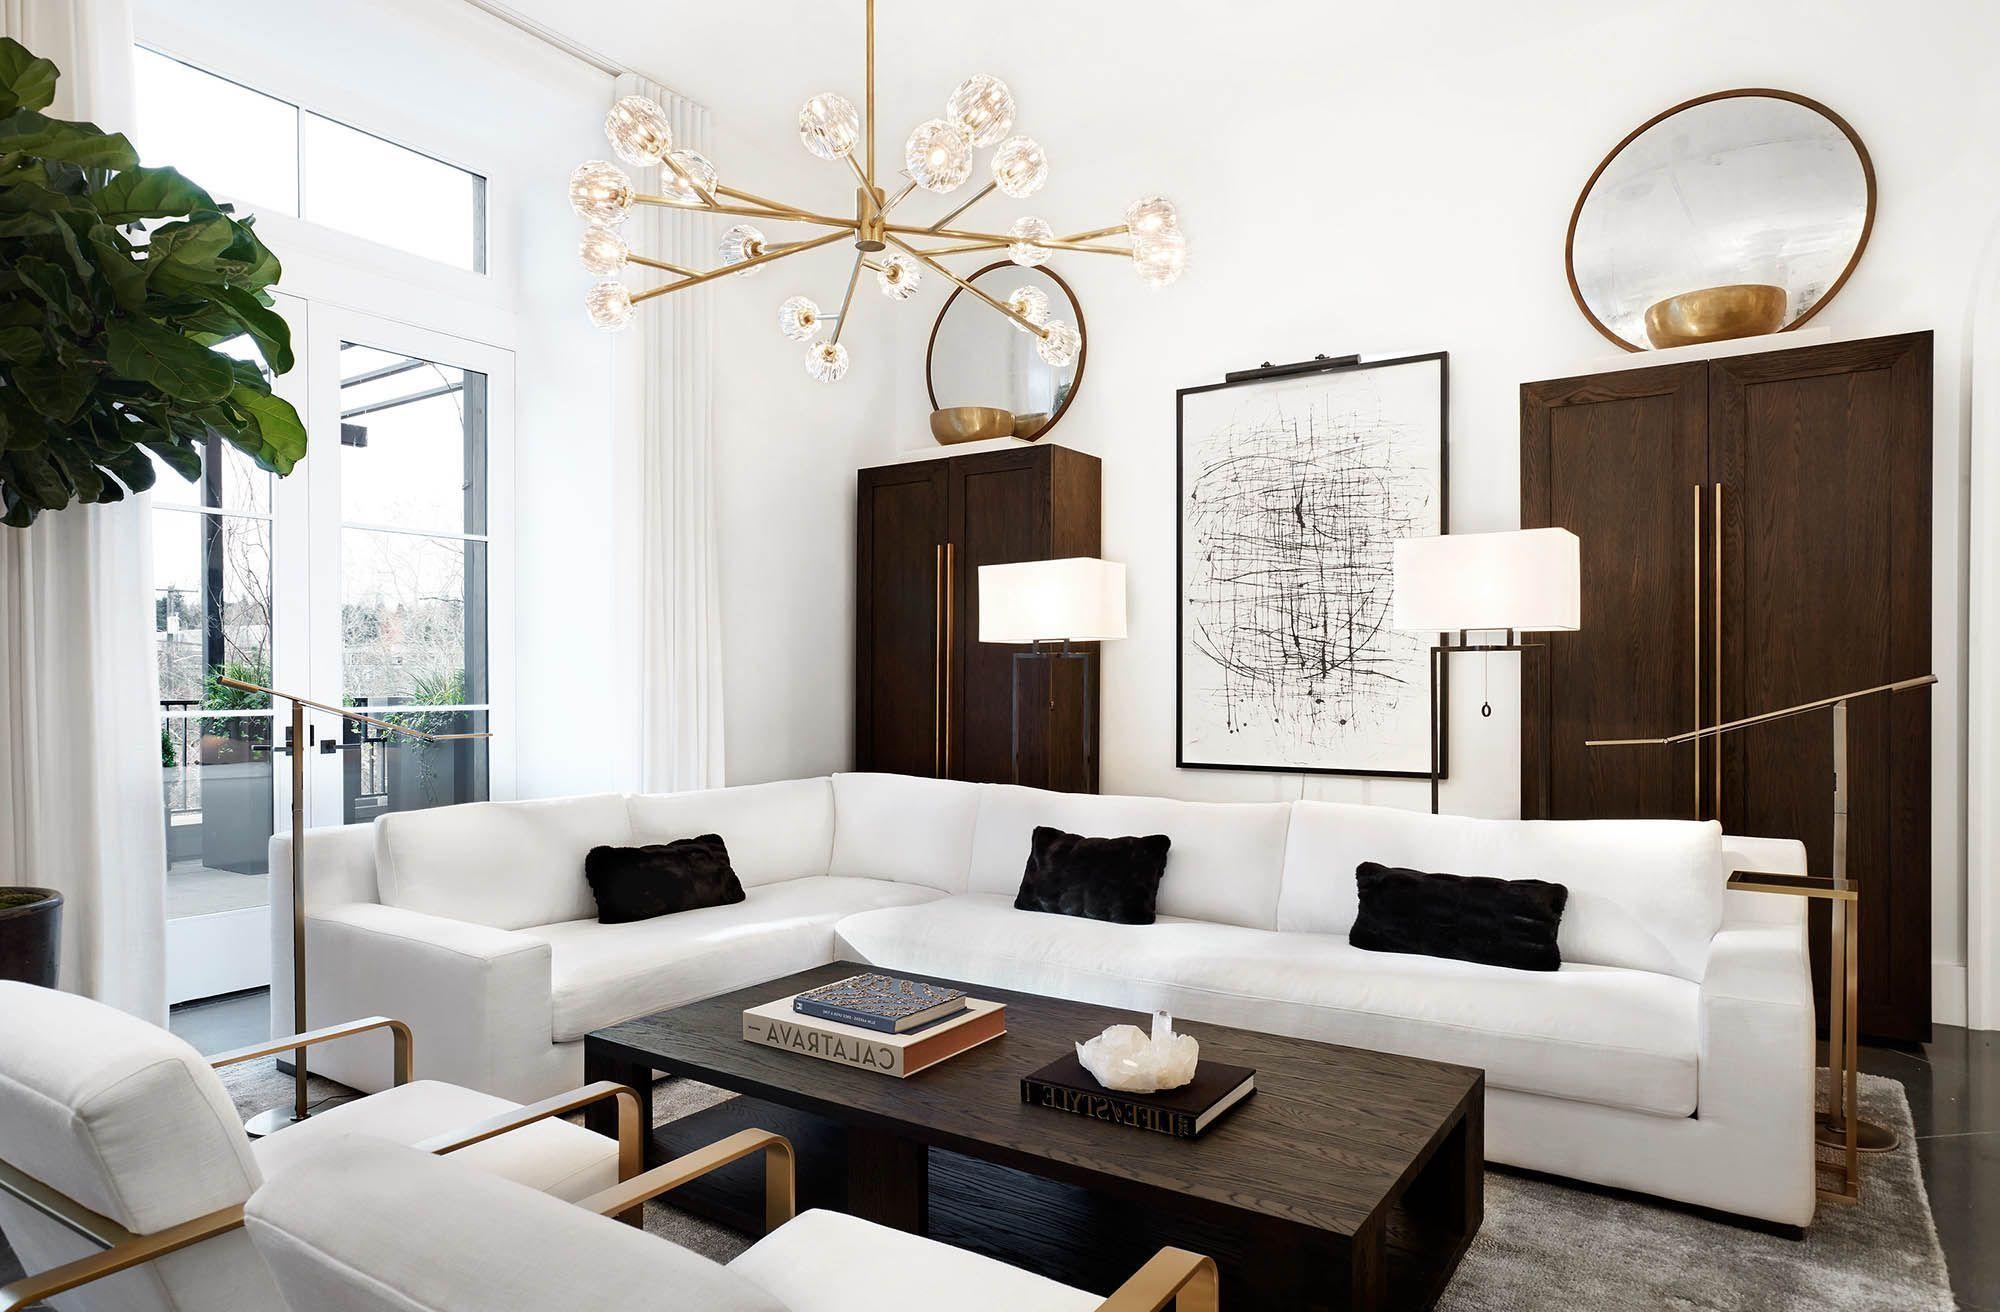 Elegant White Living Room Decor With White Modern Sectional Luxury White Sofa White Living Room Decor Modern White Living Room White Furniture Living Room